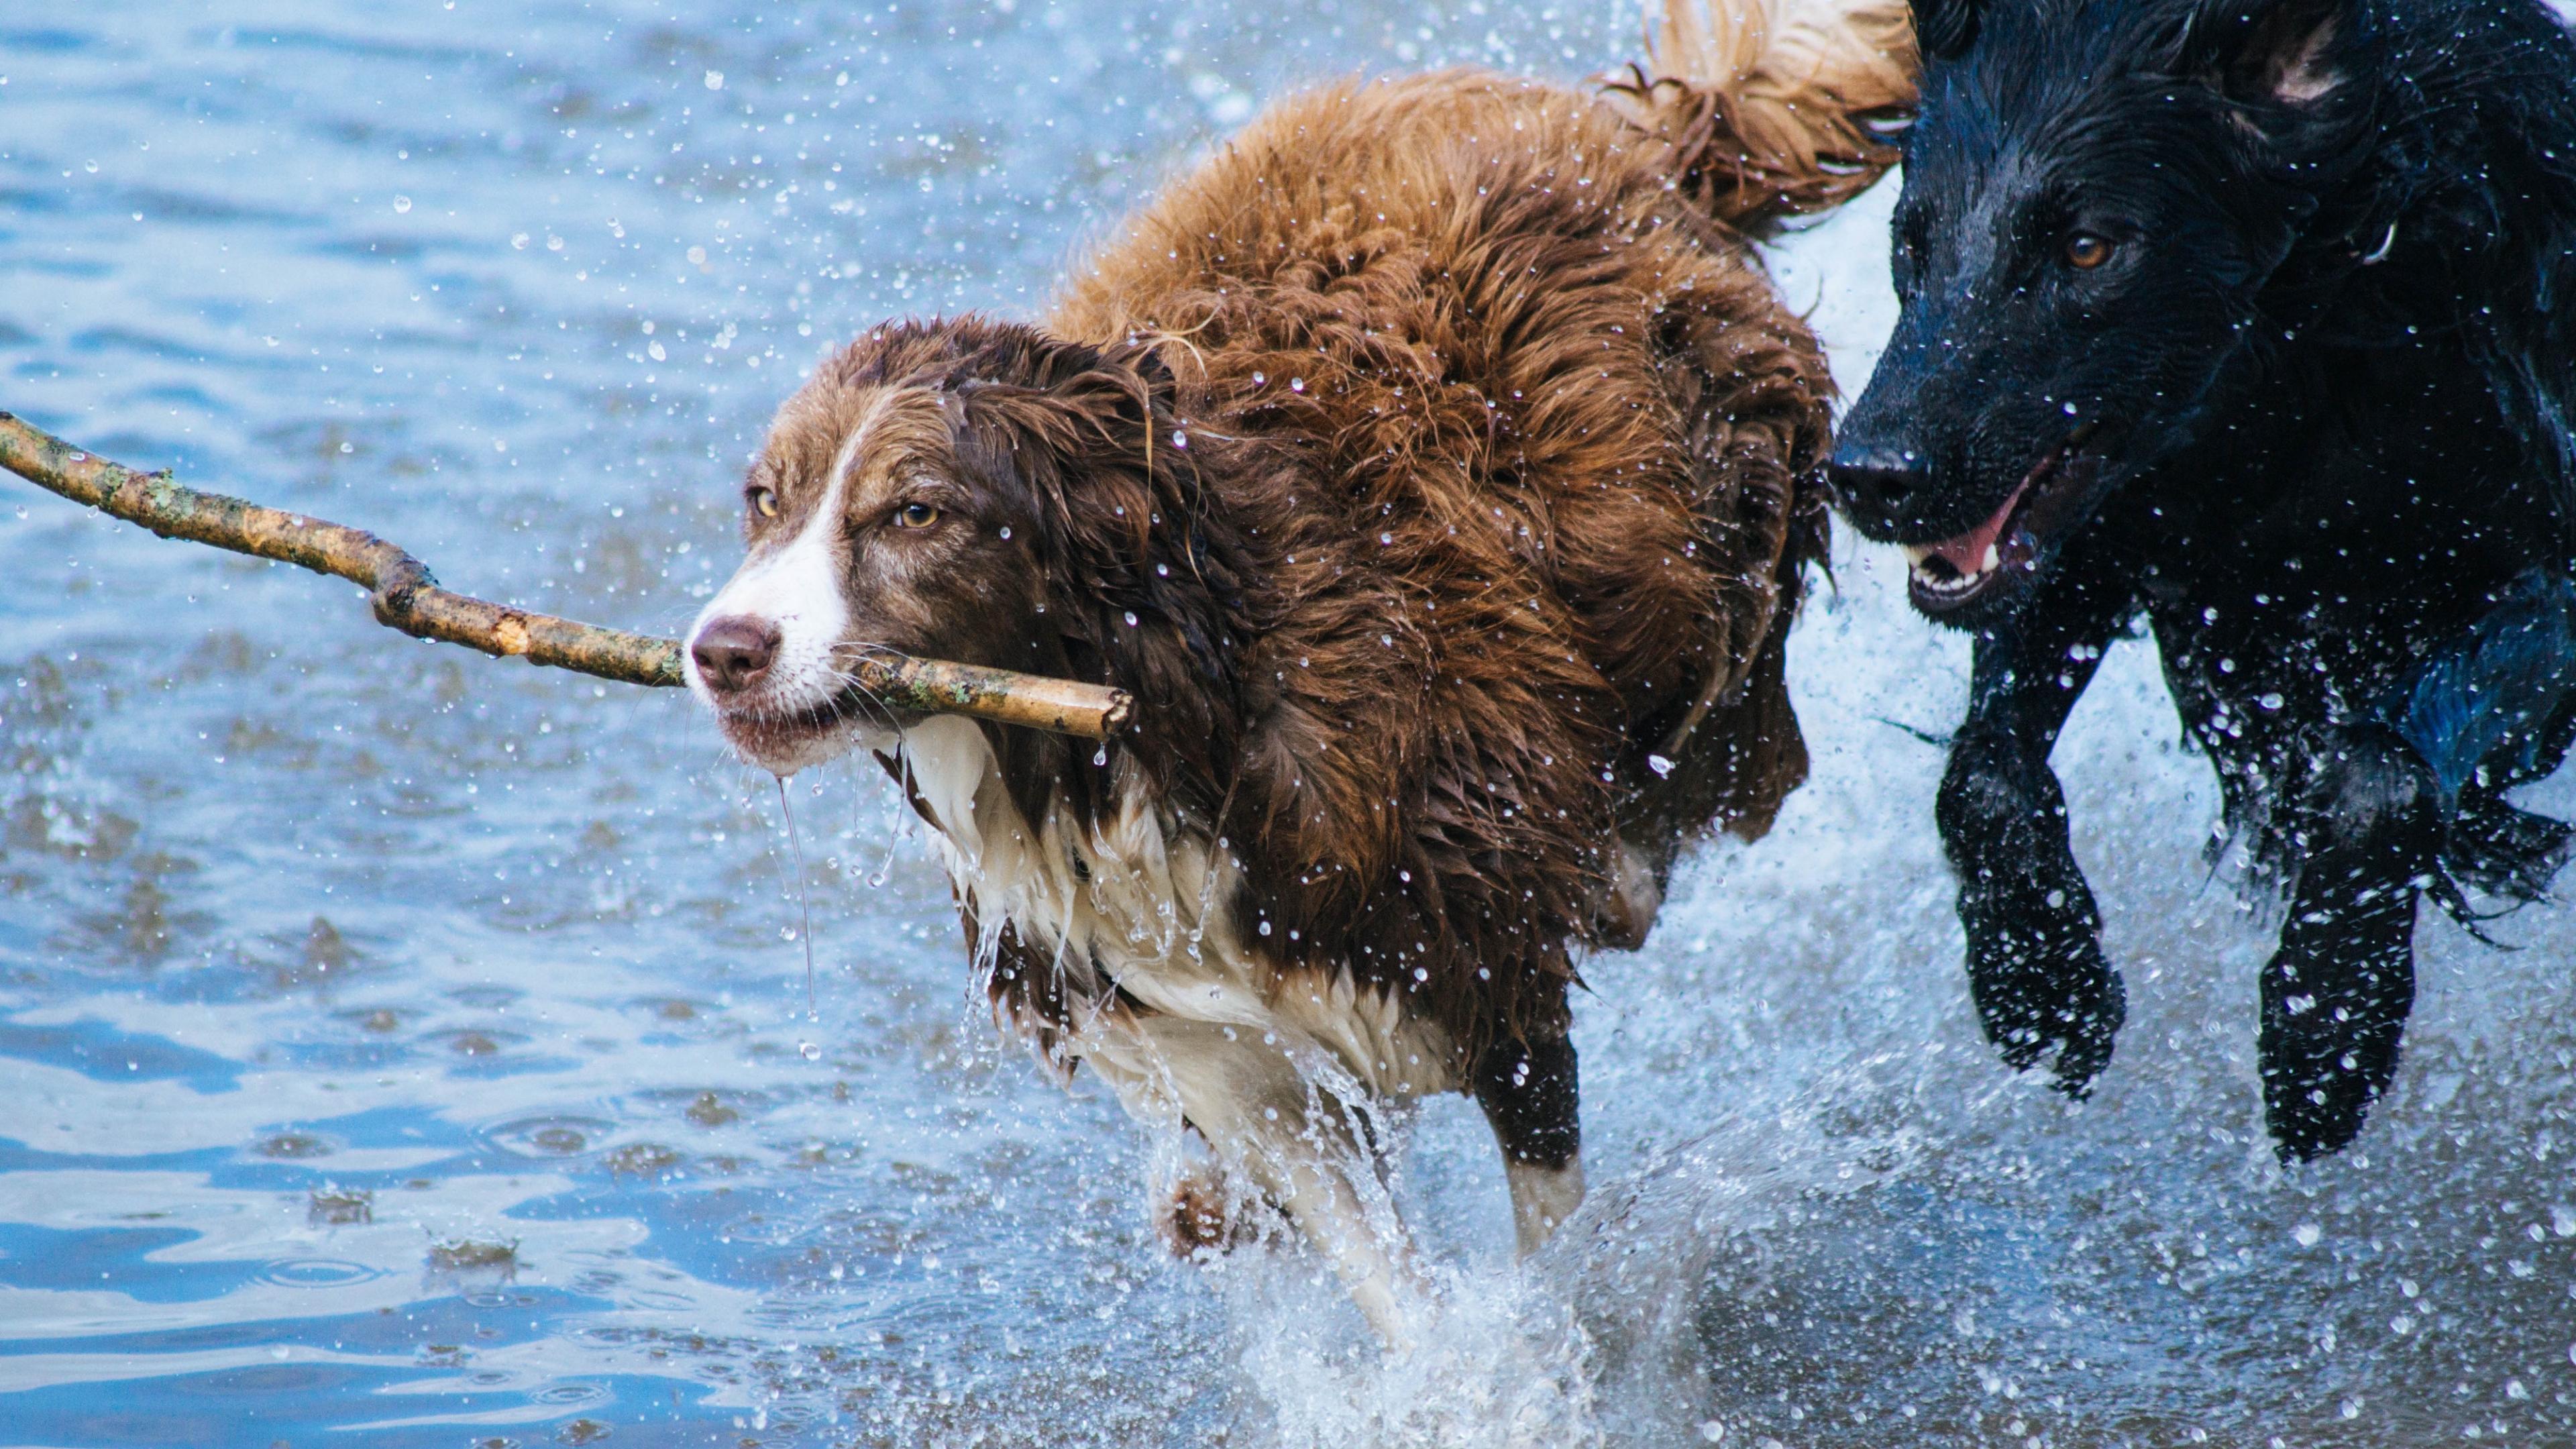 Собаки играют друг с другом более увлеченно, если на них смотрит хозяин